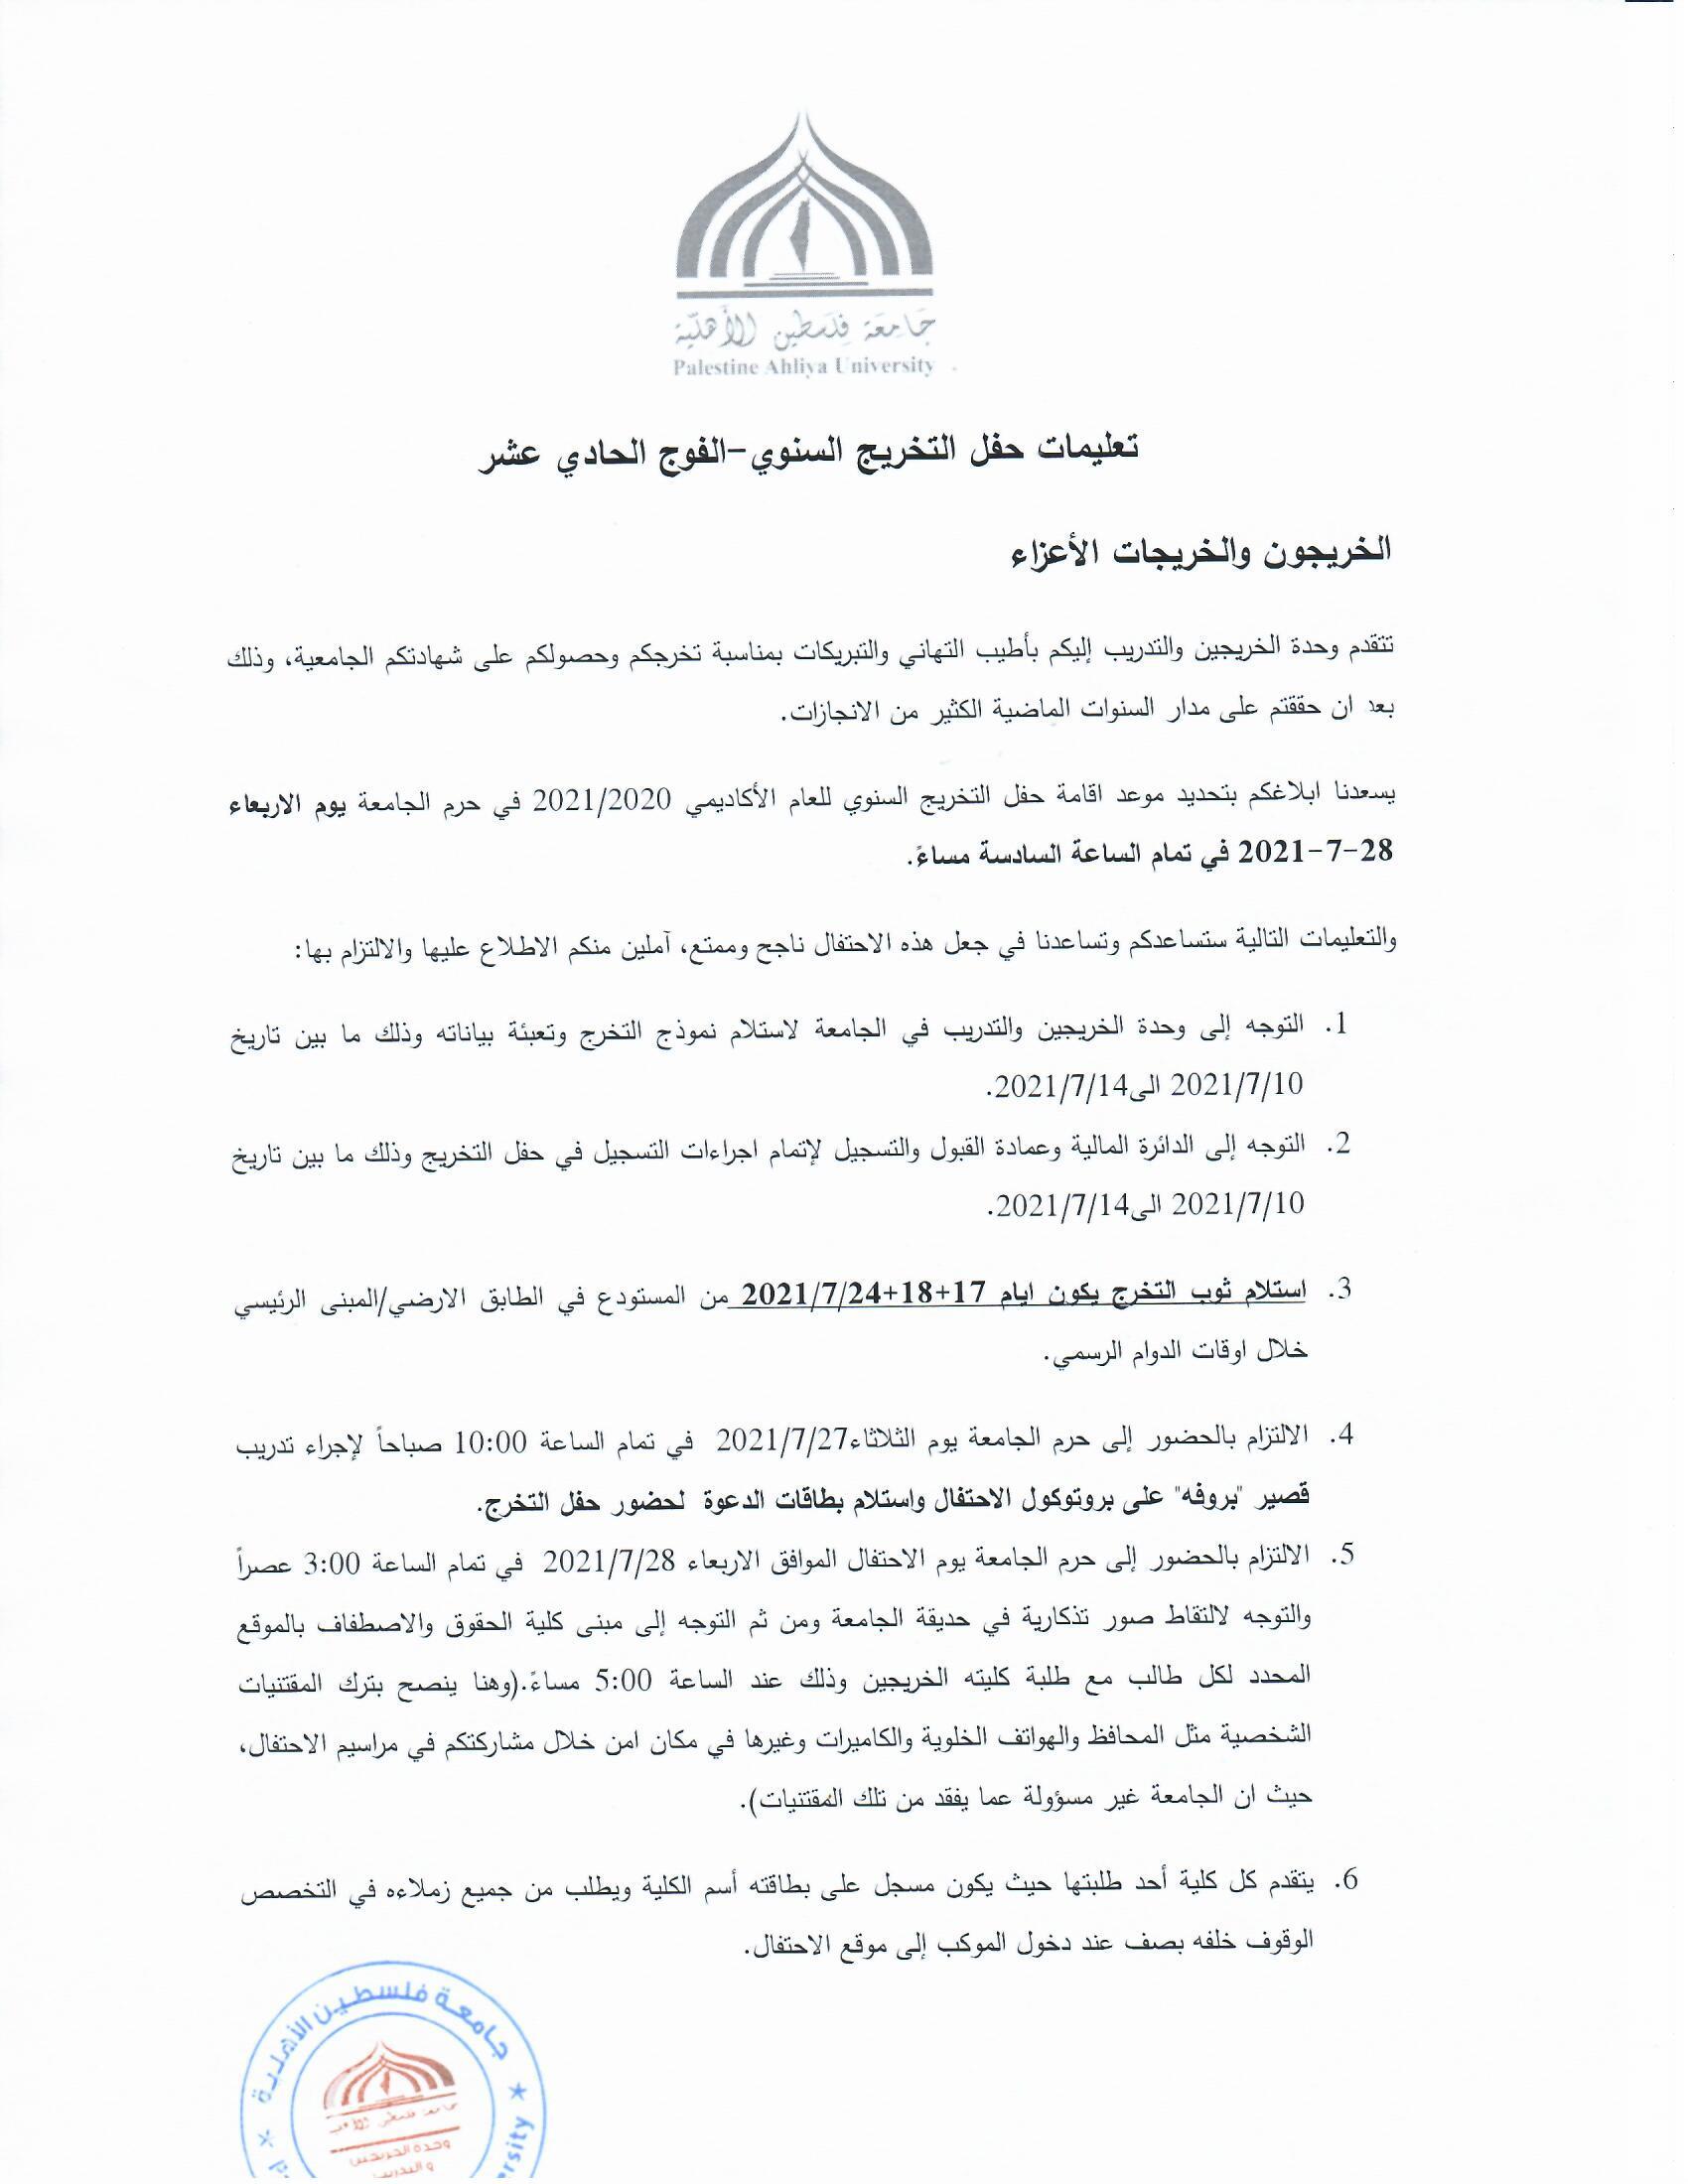 1 - تعليمات المشاركة في حفل التخريج السنوي -الفوج الحادي عشر